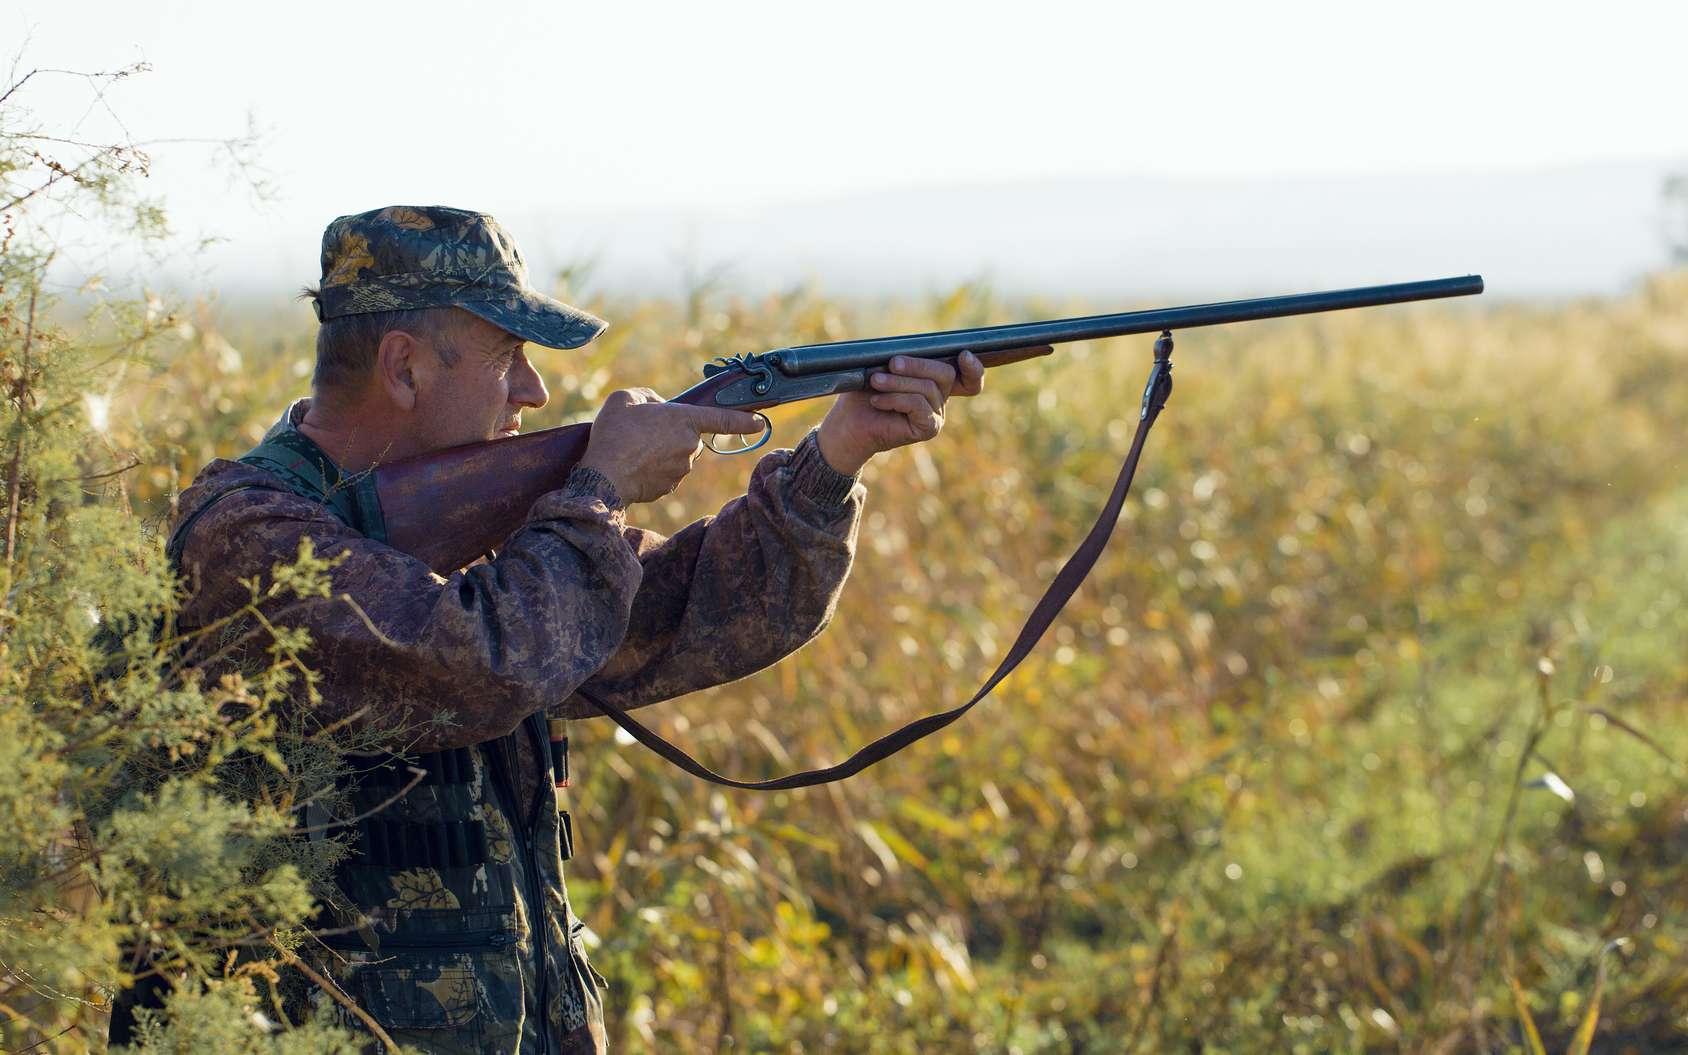 Chaque année, 21.000 tonnes de plomb utilisées par les chasseurs se retrouvent dans la nature. © Anton, Fotolia.com